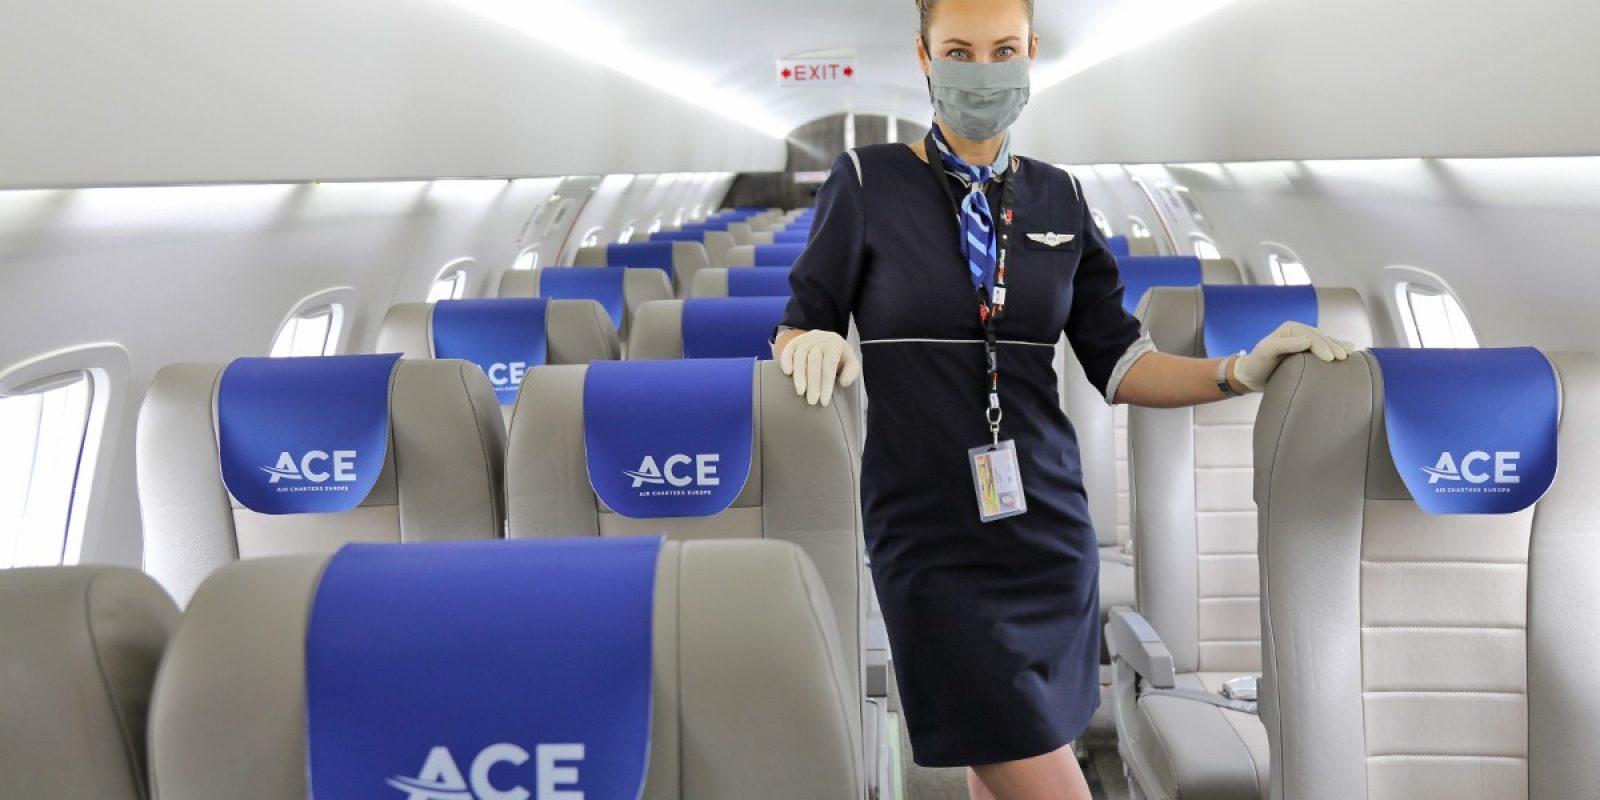 Een vriendelijke en attente crew die met de glimlach zorgt voor respect en menselijkheid voor de passagiers is een van de hoekstenen van het ASL product. Net die glimlach moeten we er in deze coronatijden achter het mondkapje bij denken.